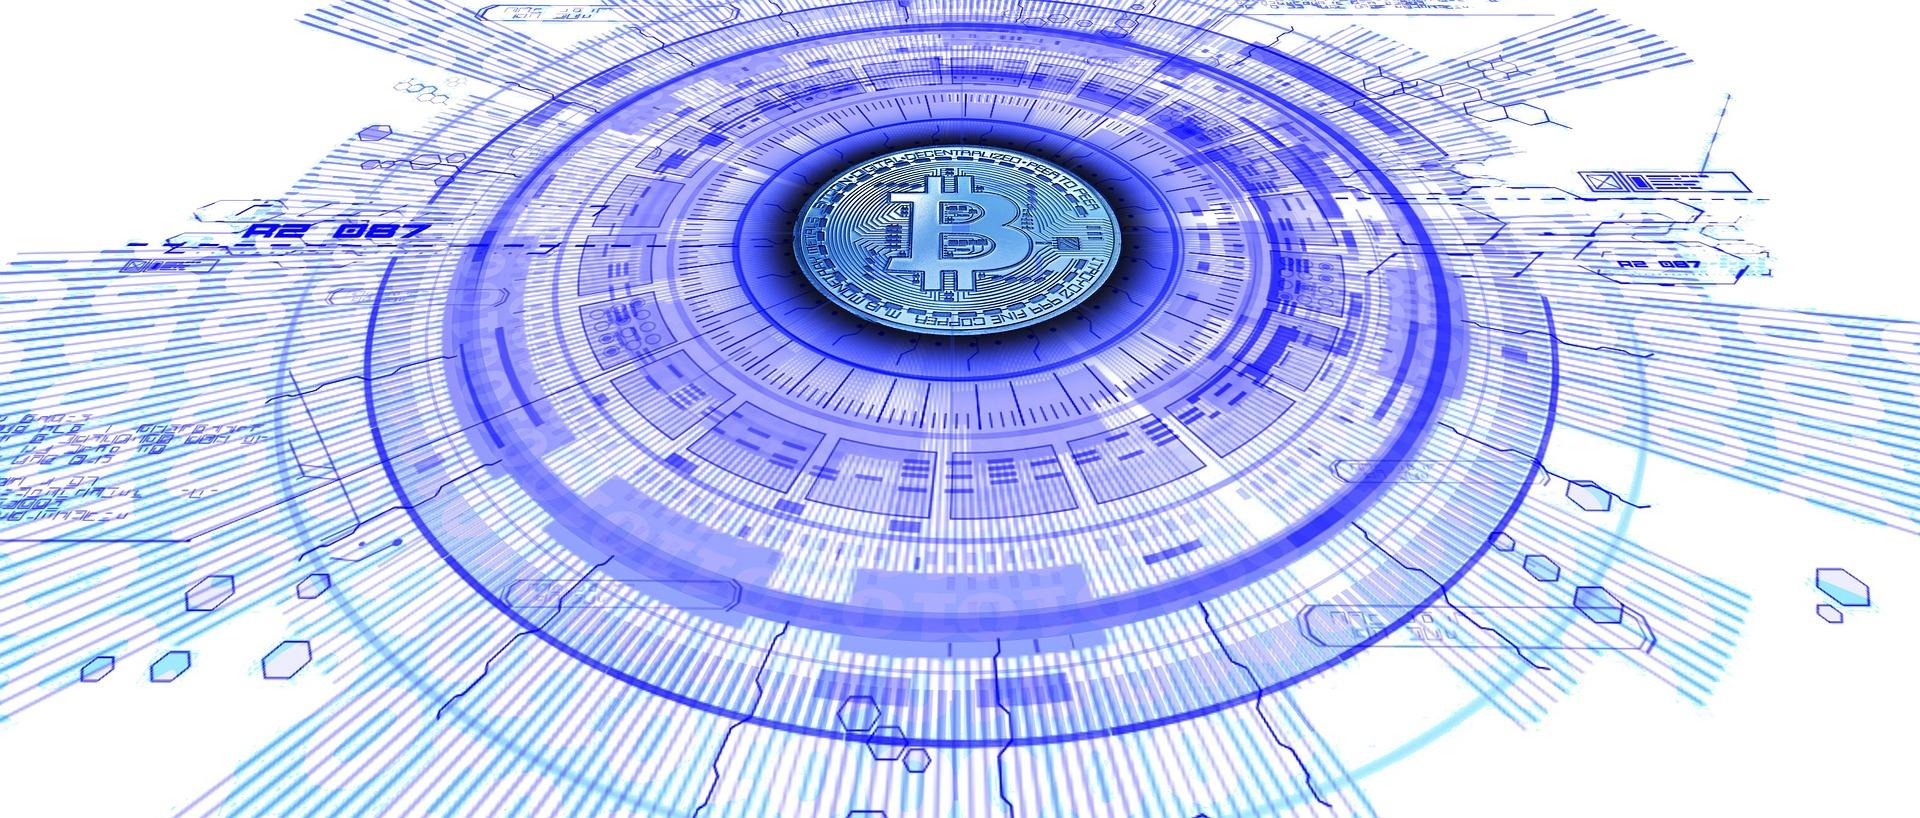 Waarom zijn cryptocurrencies ineens zo populair?